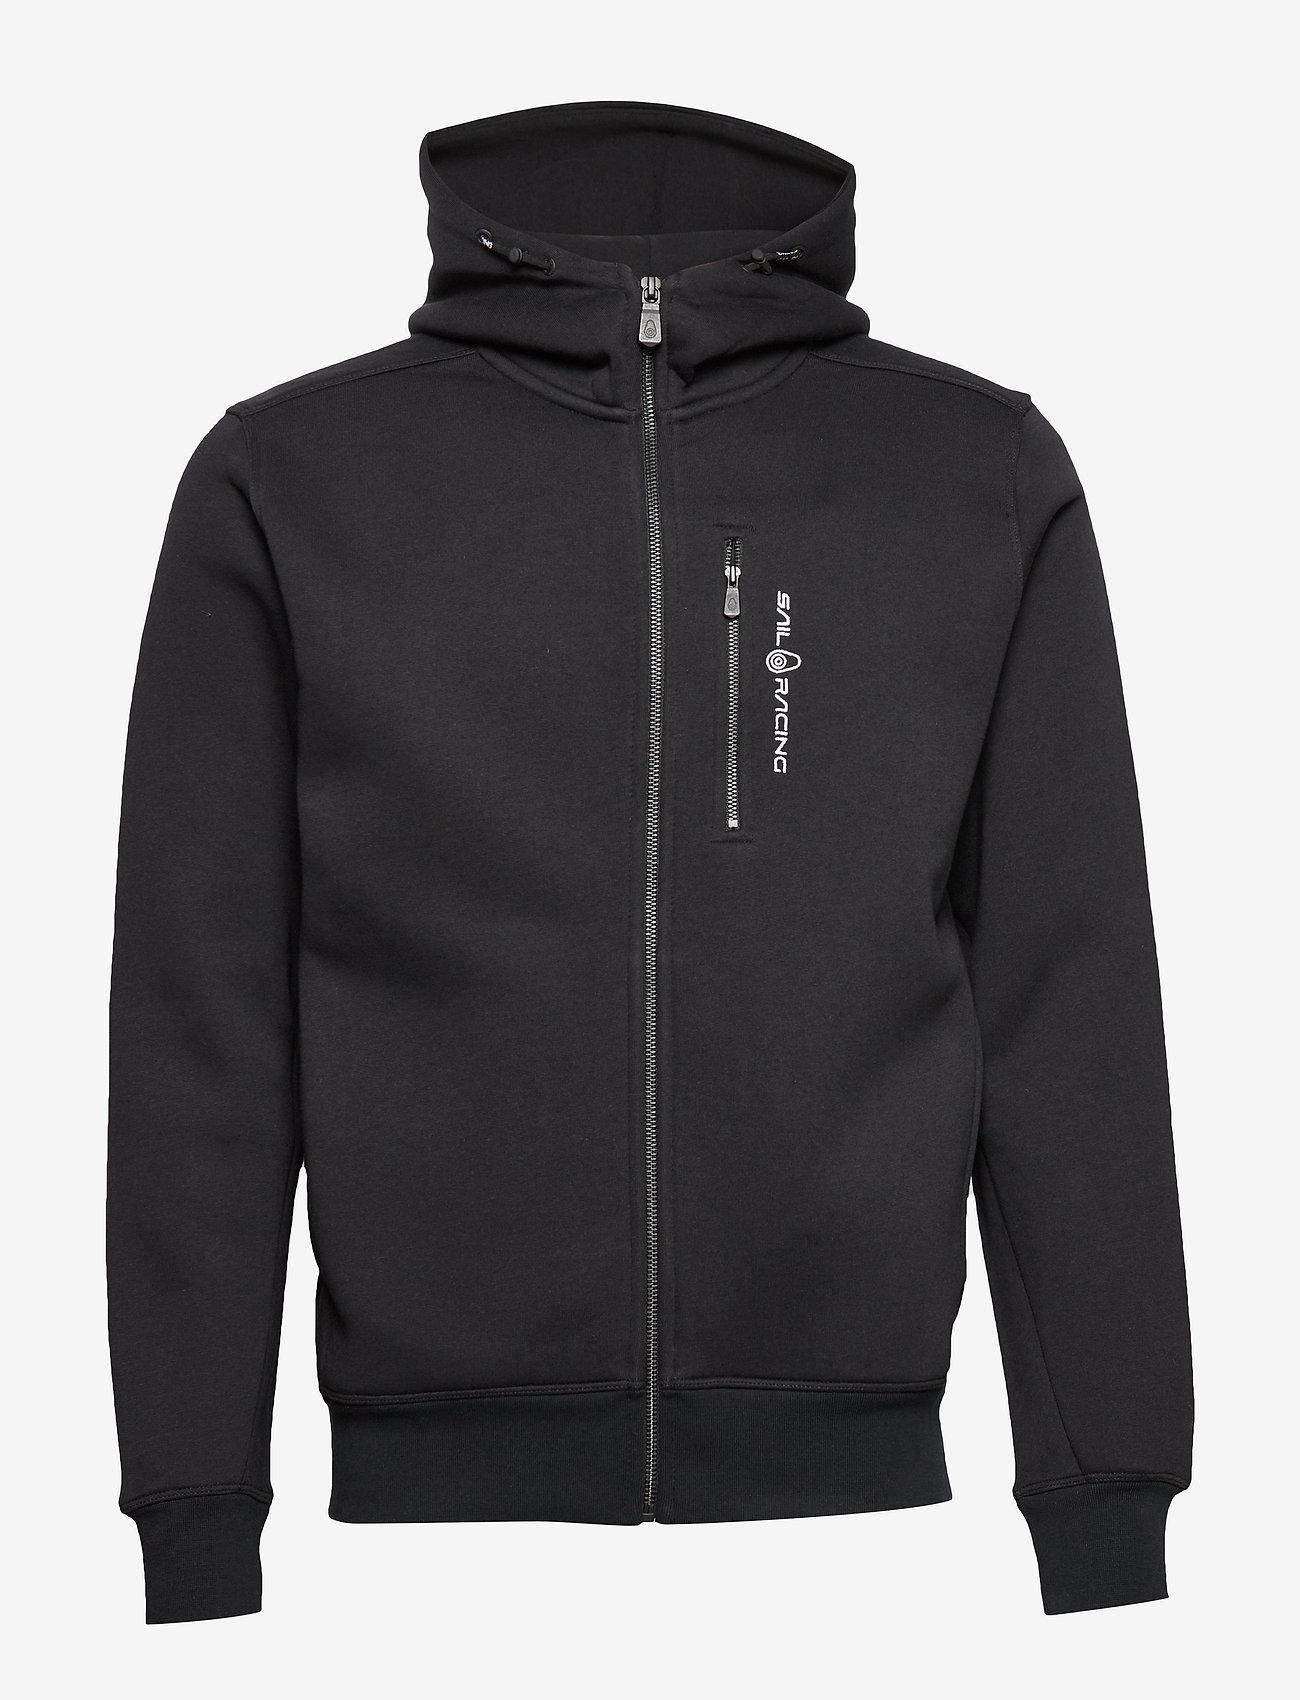 Sail Racing - BOWMAN ZIP HOOD - hoodies - carbon - 0